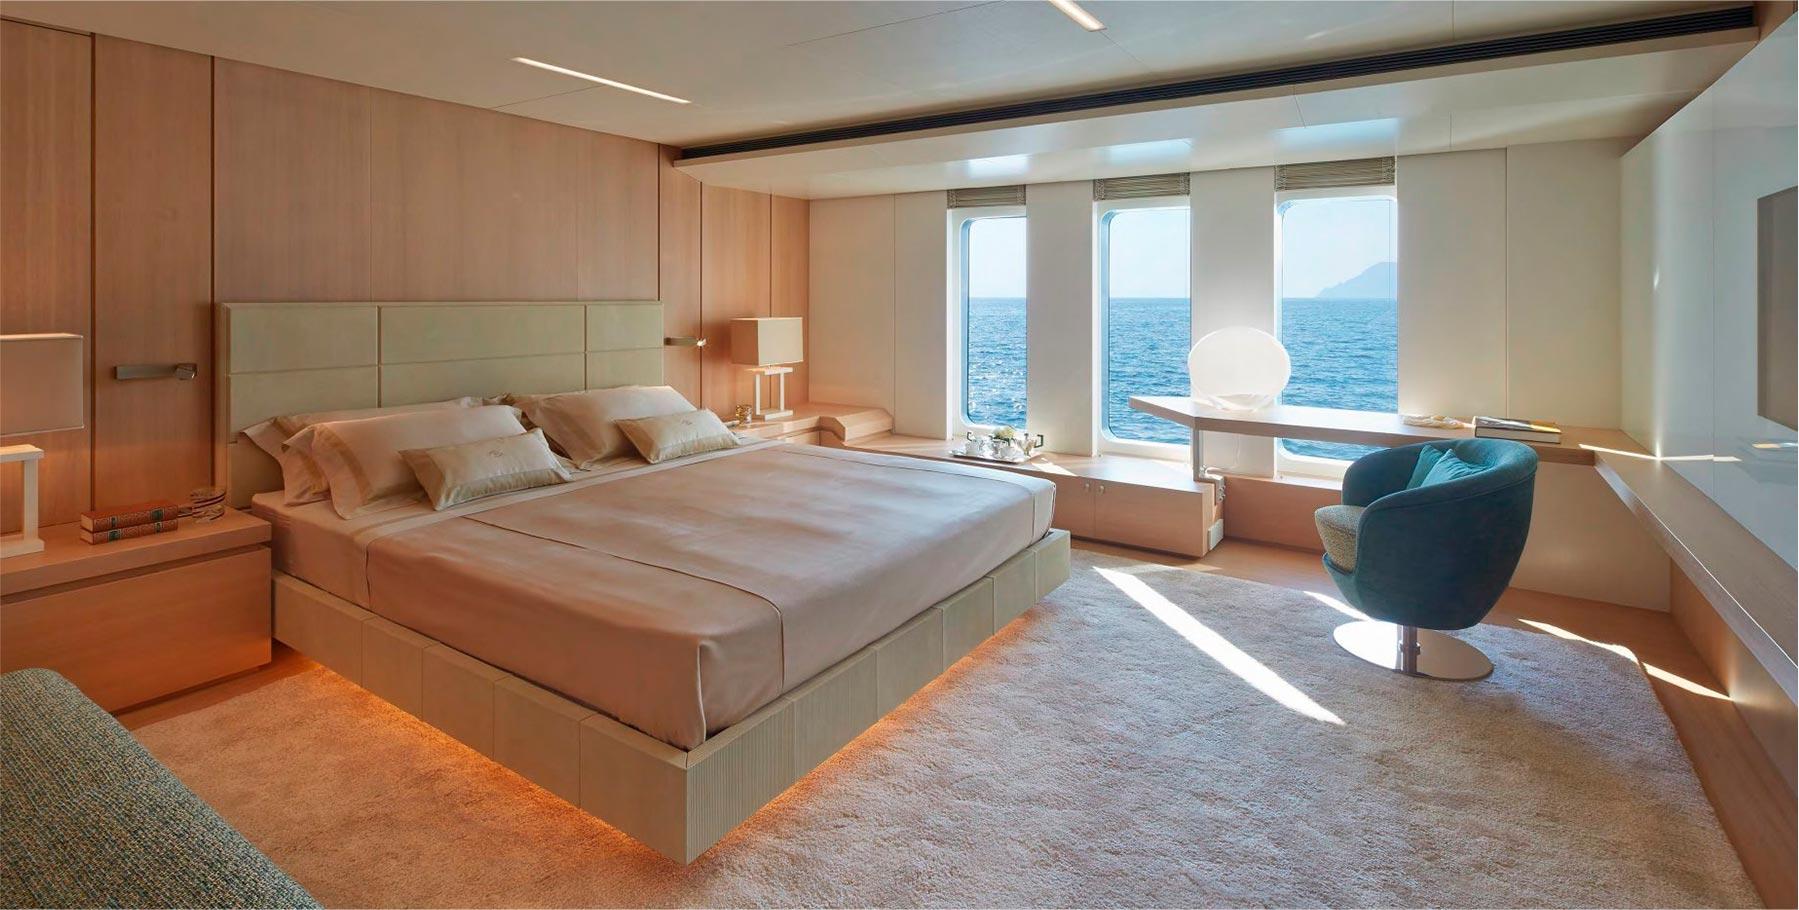 testata letto e giro letto in nabuk e pannellerie rivestite in pelle per soffitti